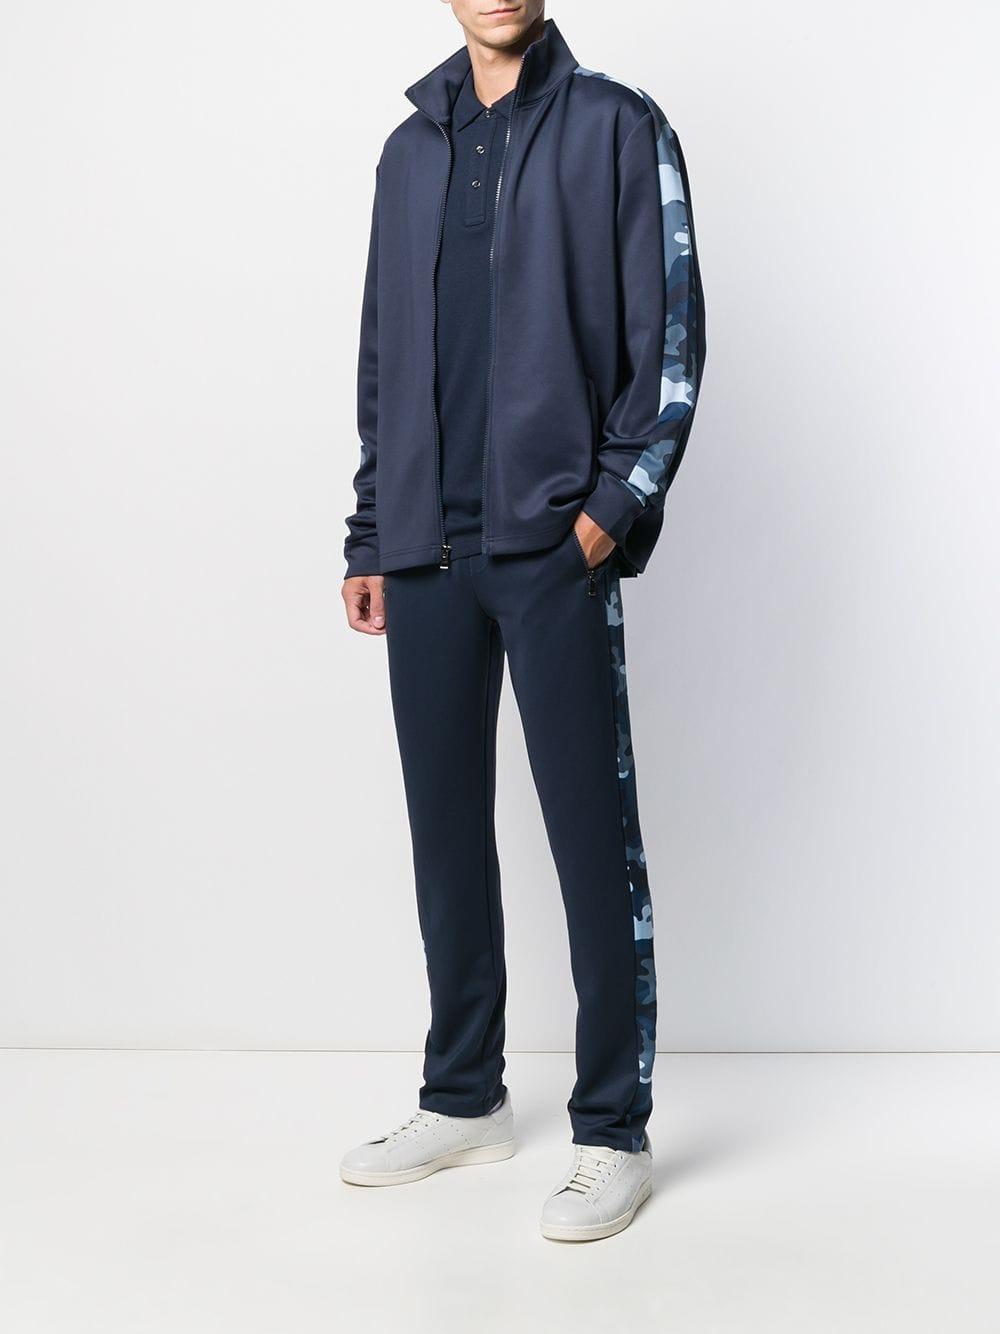 Michael Kors Katoen Sportjack Met Print in het Blauw voor heren